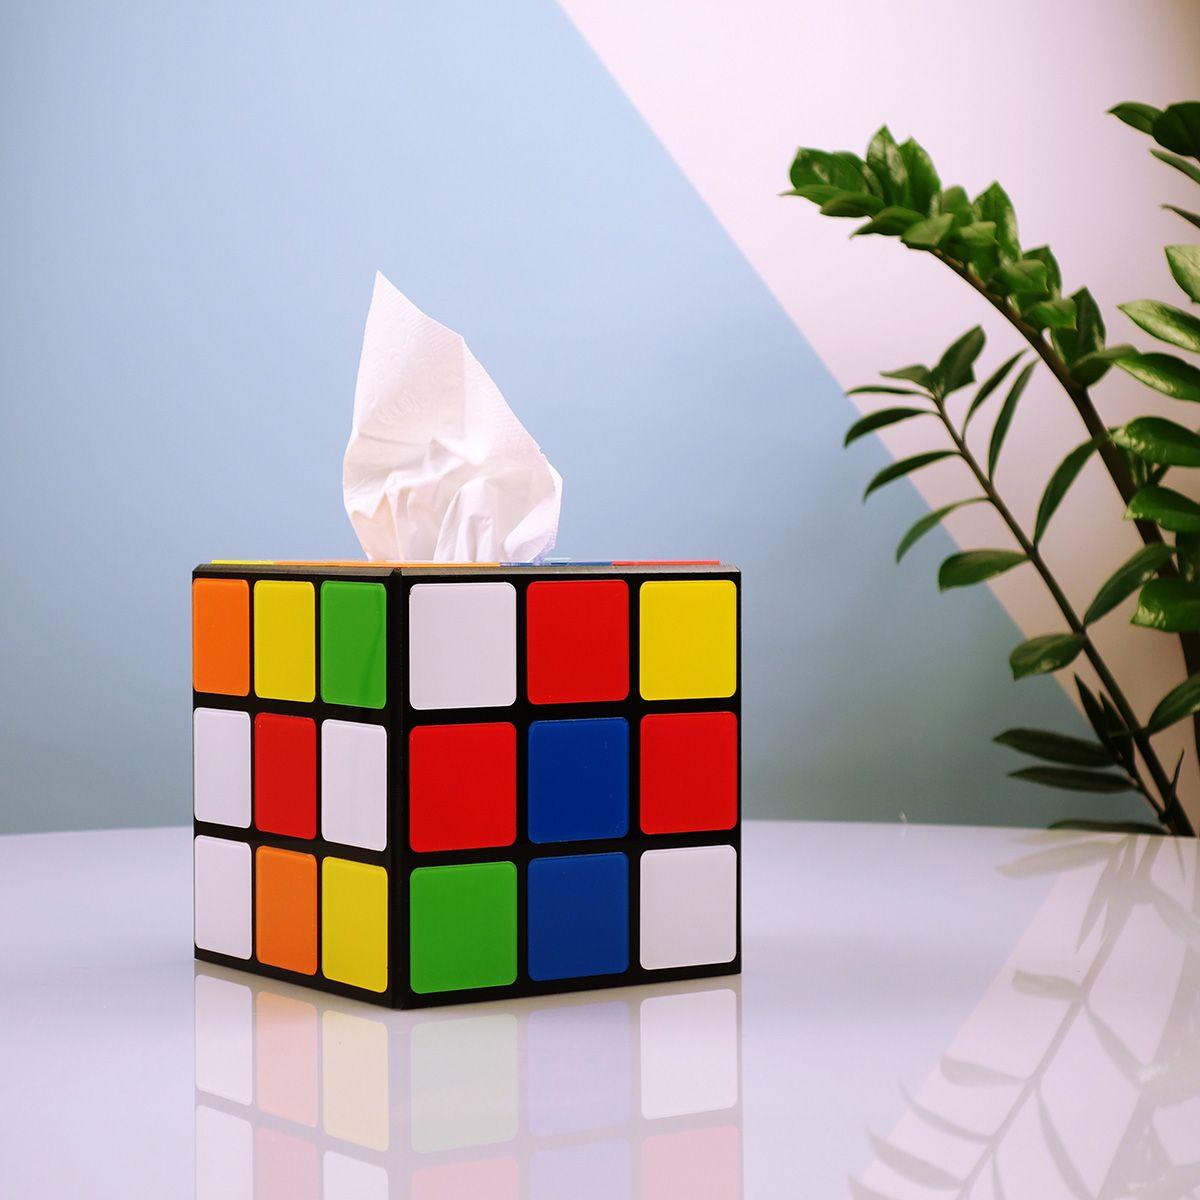 come acquistare 2019 prezzo all'ingrosso prezzi Porta Fazzoletti Cubo di Rubik da Big Bang Theory